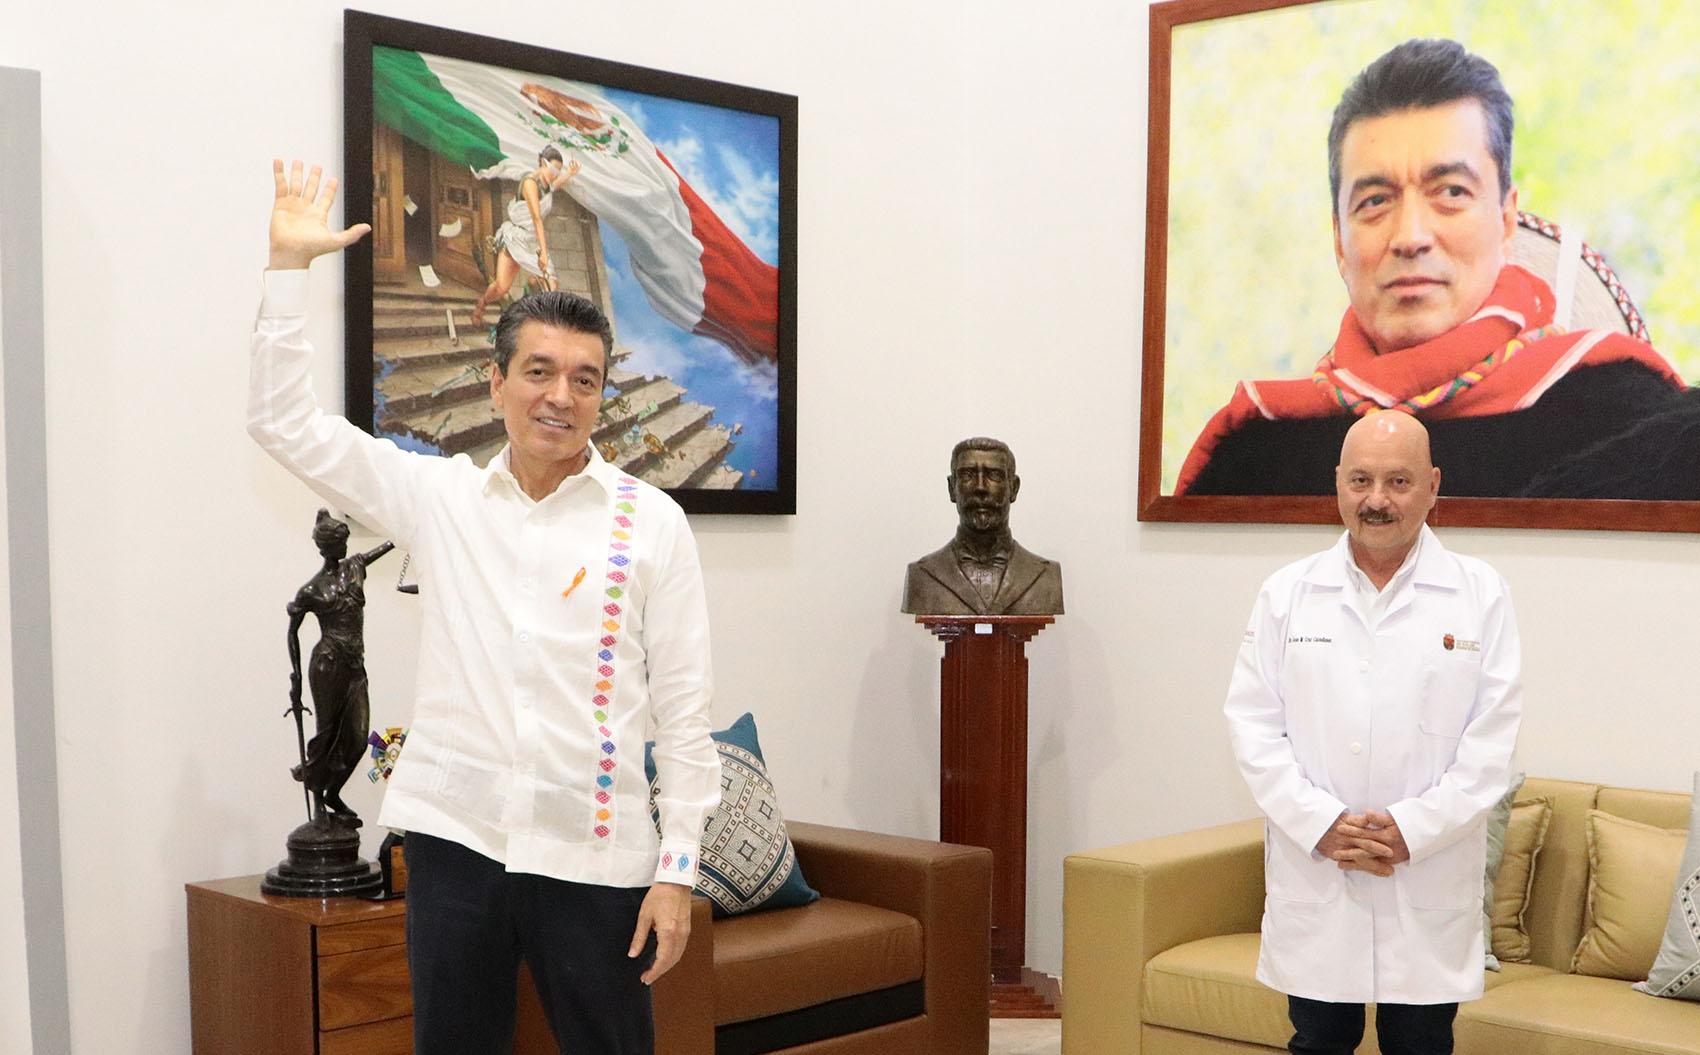 Junto al secretario José Manuel Cruz Castellanos, dijo que se continuará pagando hasta dejar a la Secretaría de Salud sin problemas financieros